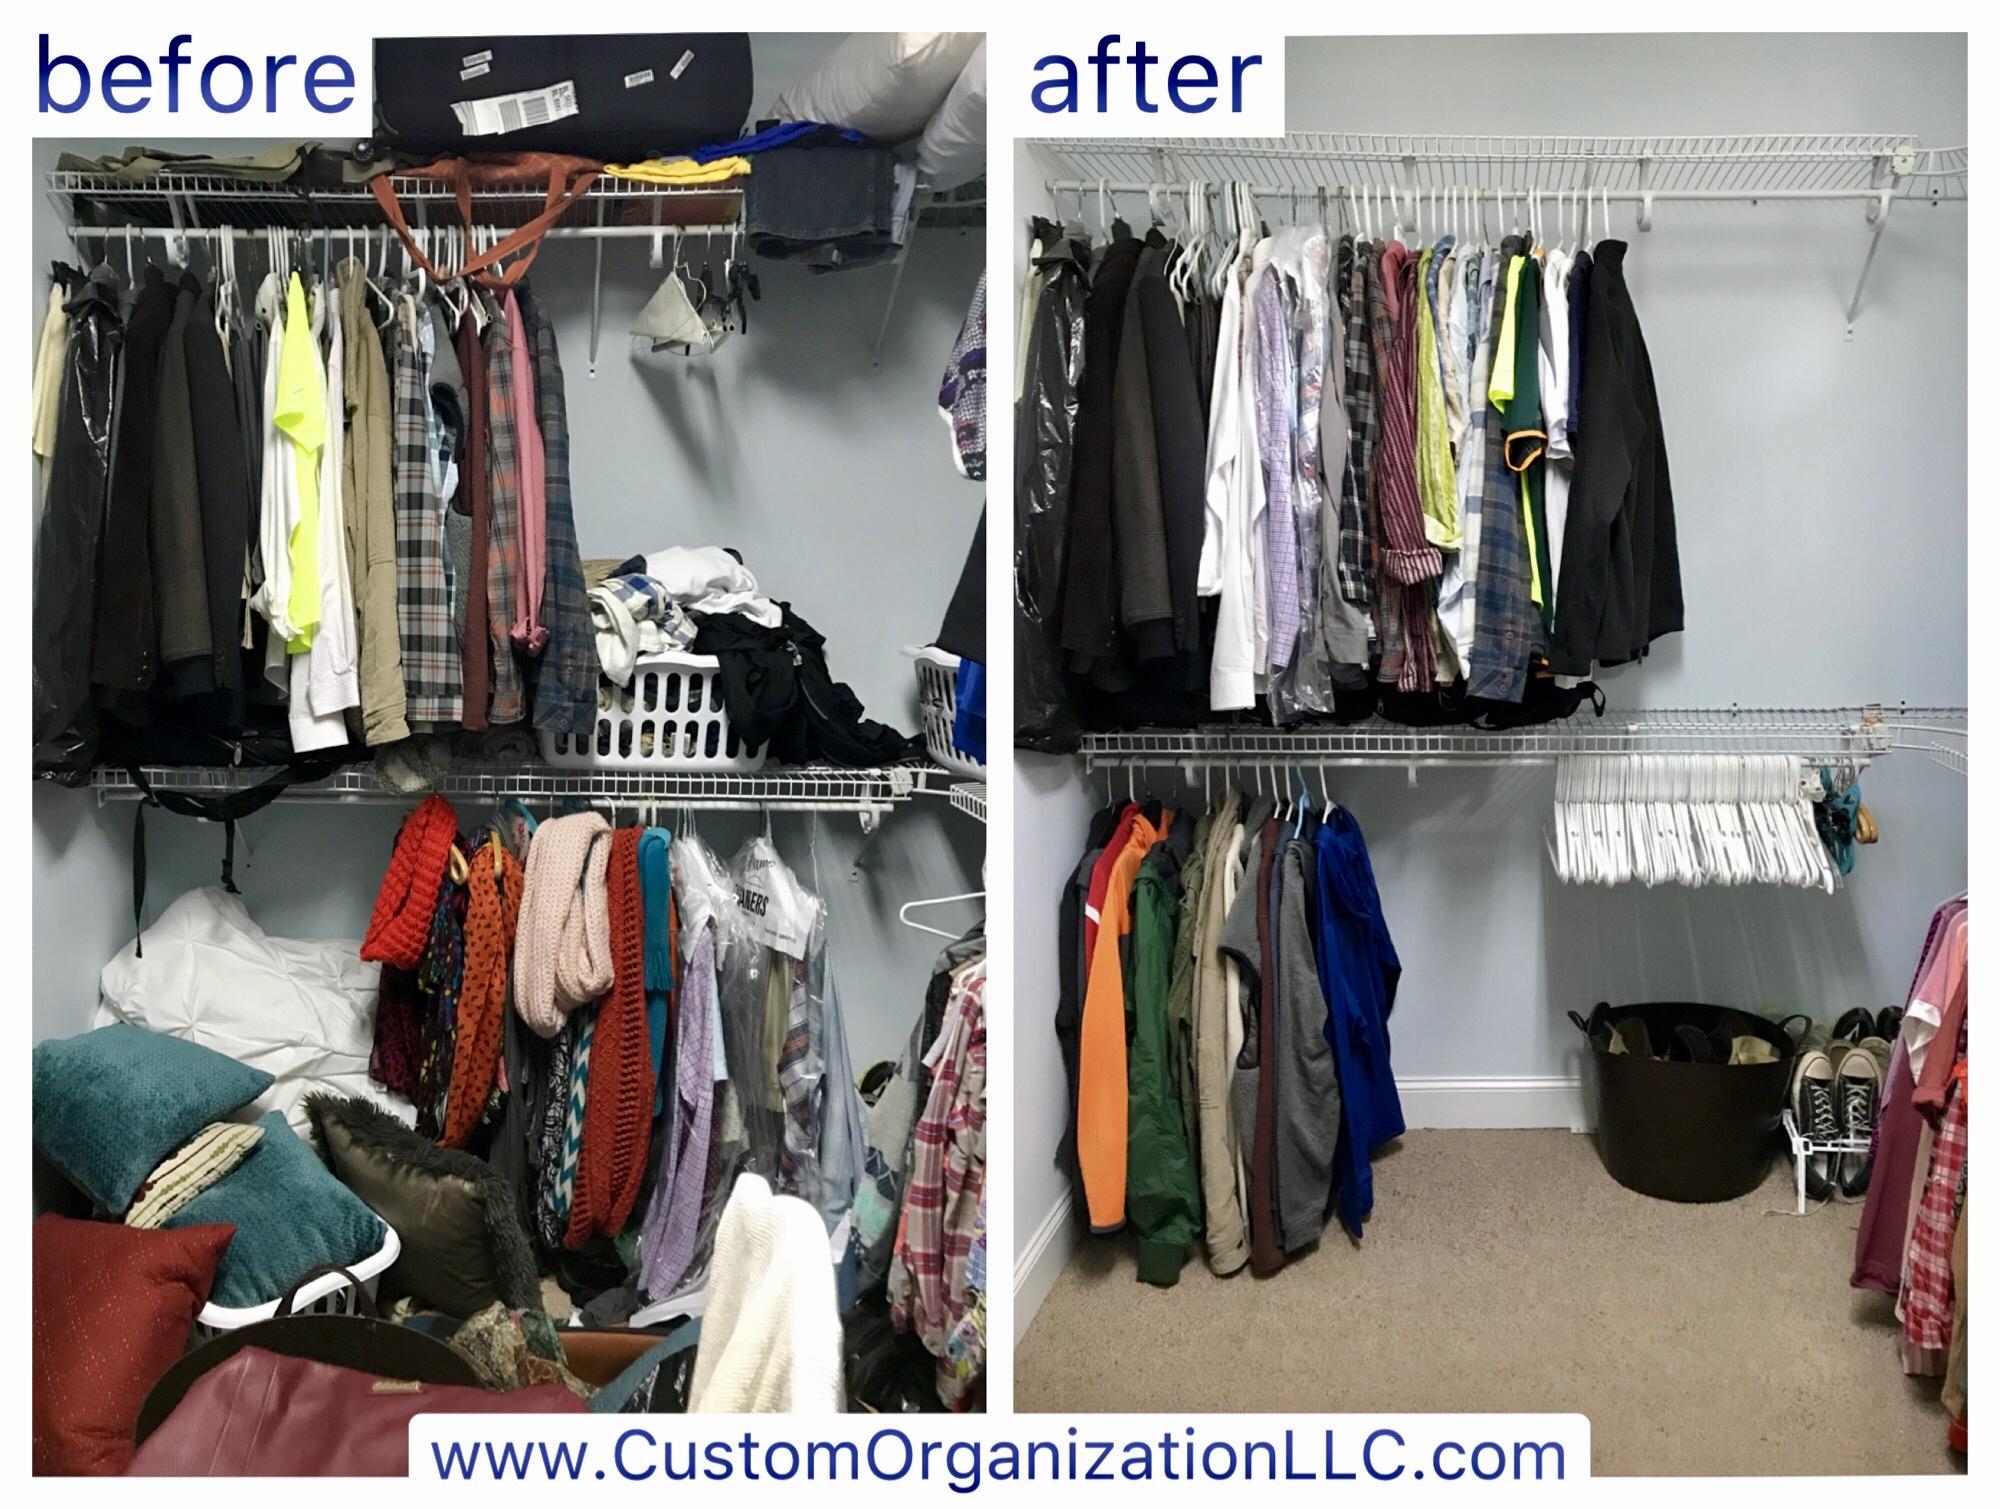 Master closet declutter & organize